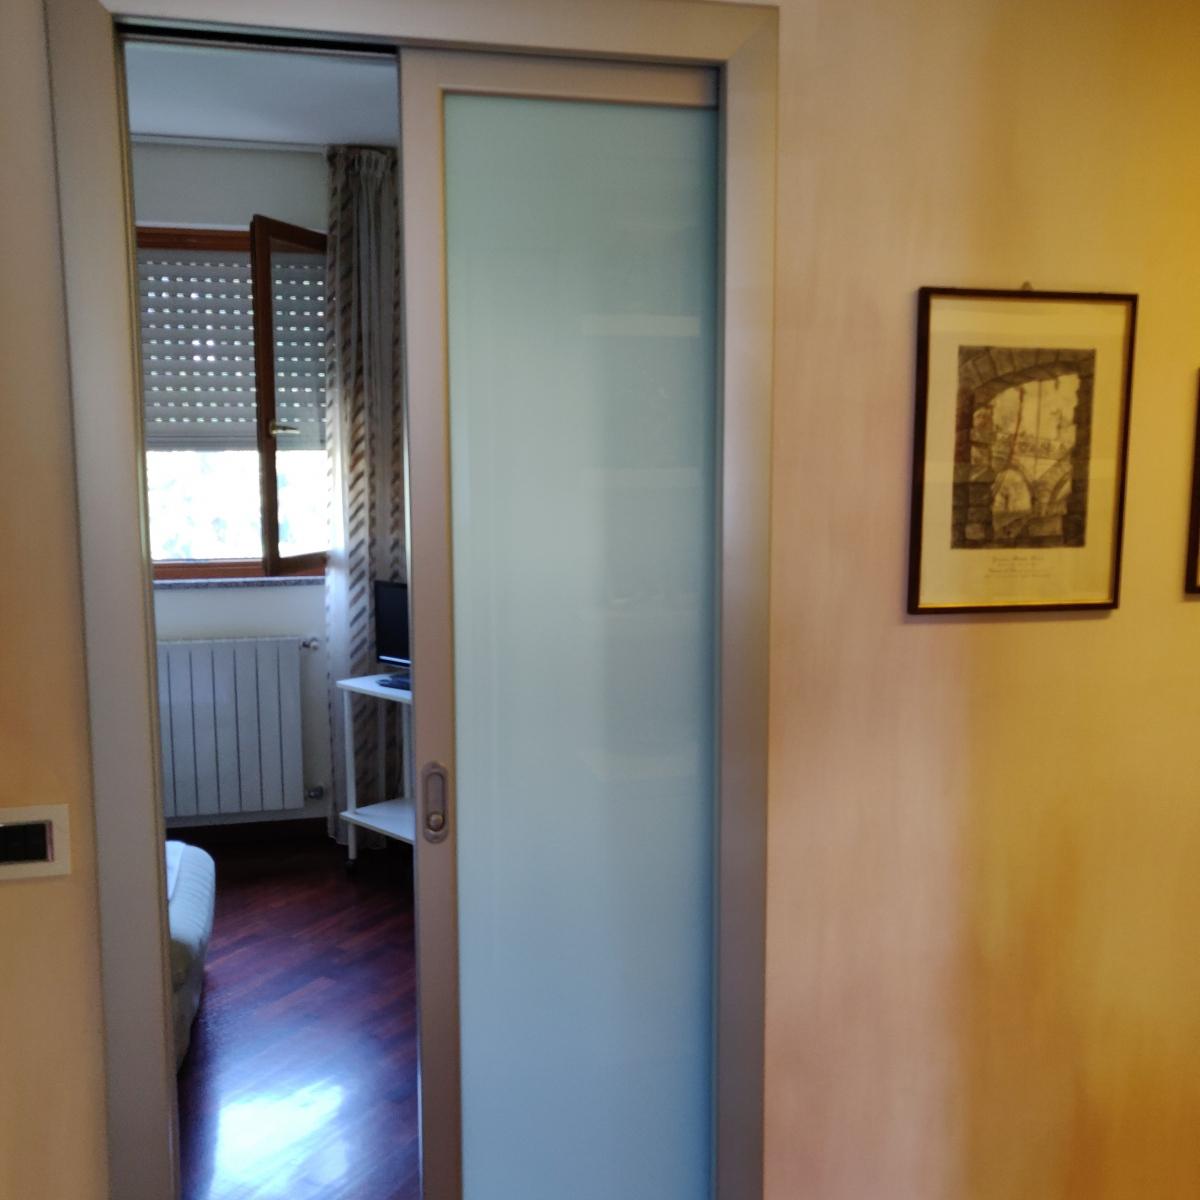 appartamento-in-vendita-a-baggio-via-cassolnovo-bagarotti-3-locali-milano-trilocale-spaziourbano-immobiliare-vende-11